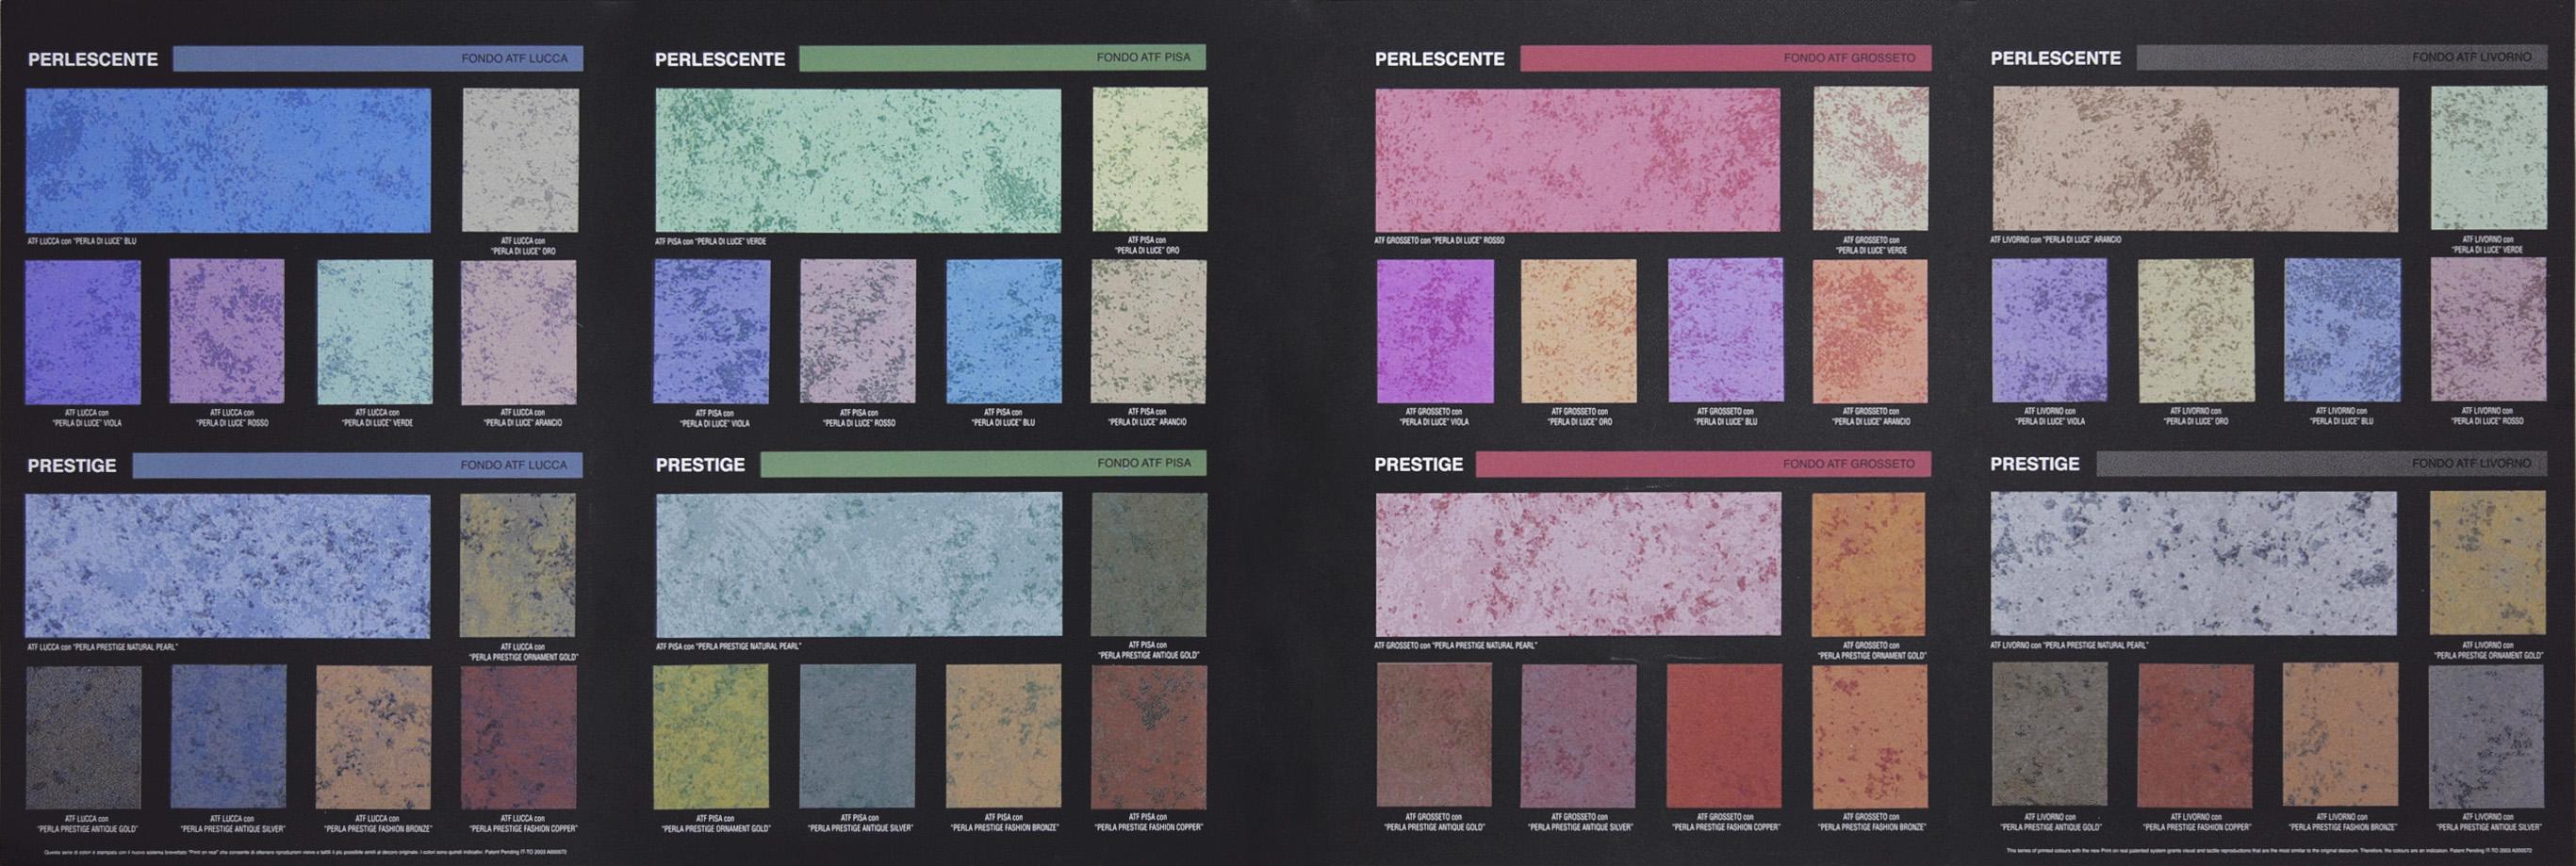 Colori Perlescenti Per Pareti colori-perlescente (2733×919) | colori, storia